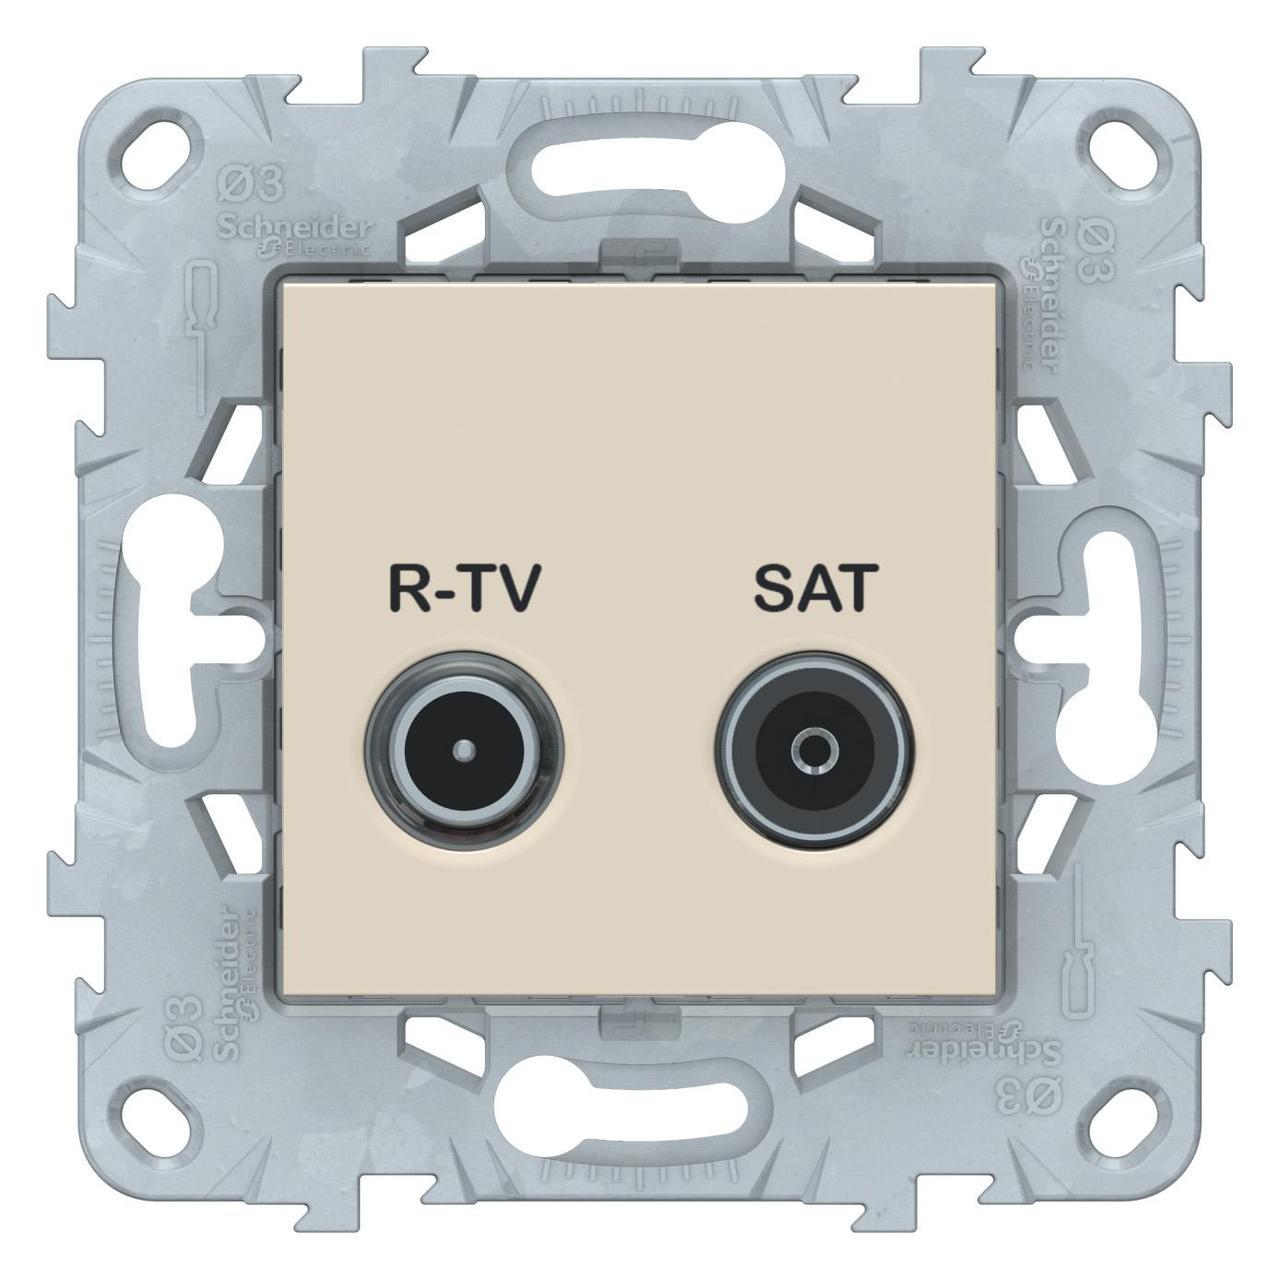 Розетка телевизионная единственная ТV-SAT , Бежевый, серия Unica New, Schneider Electric